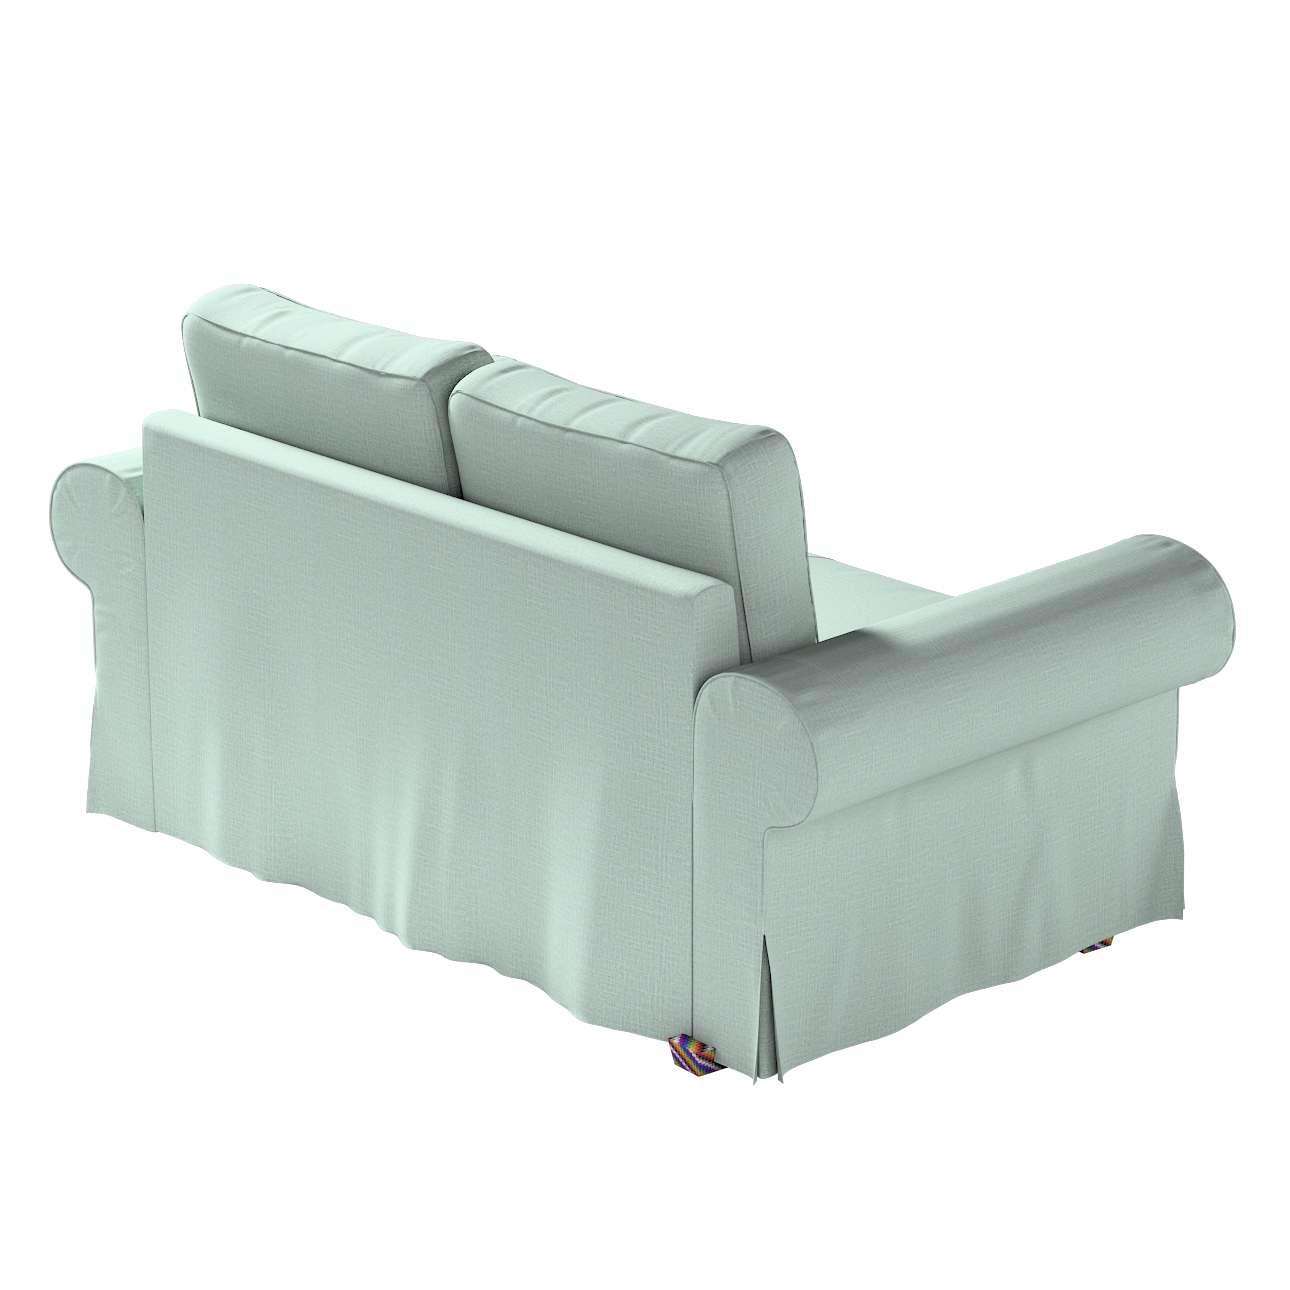 Bezug für Backabro 2-Sitzer Sofa ausklappbar von der Kollektion Living II, Stoff: 160-86